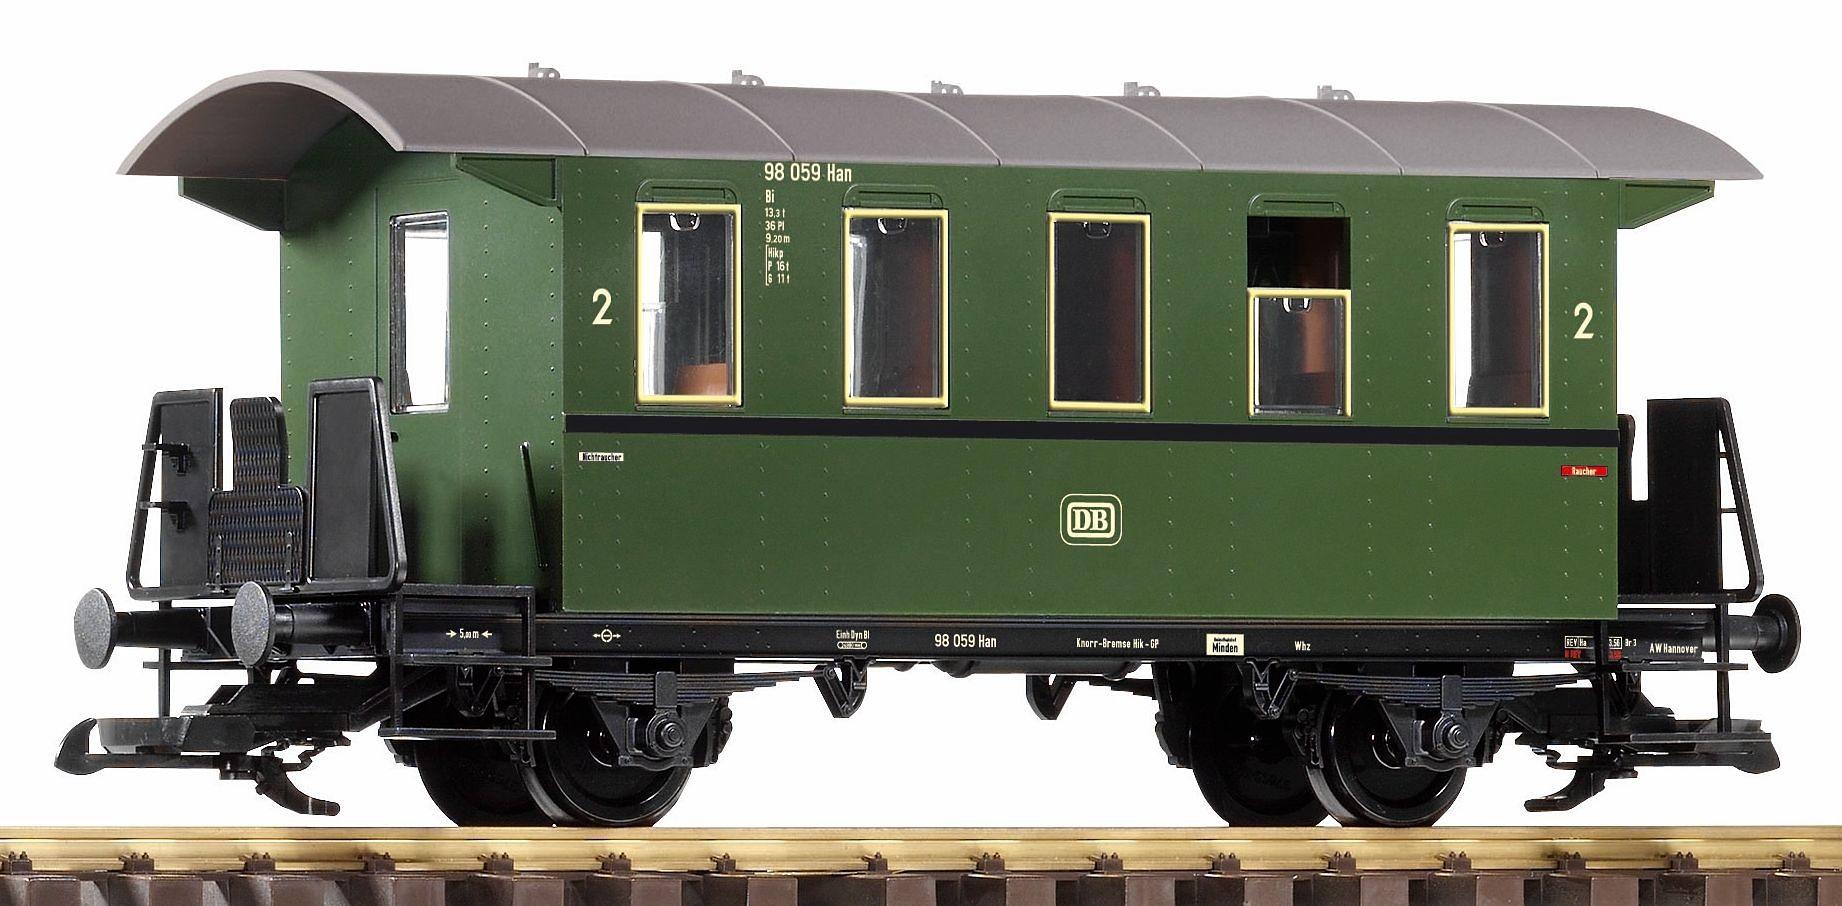 PIKO Personenwagen, Spur G, »Personenwagen 2. Klasse, DB - Gleichstrom«